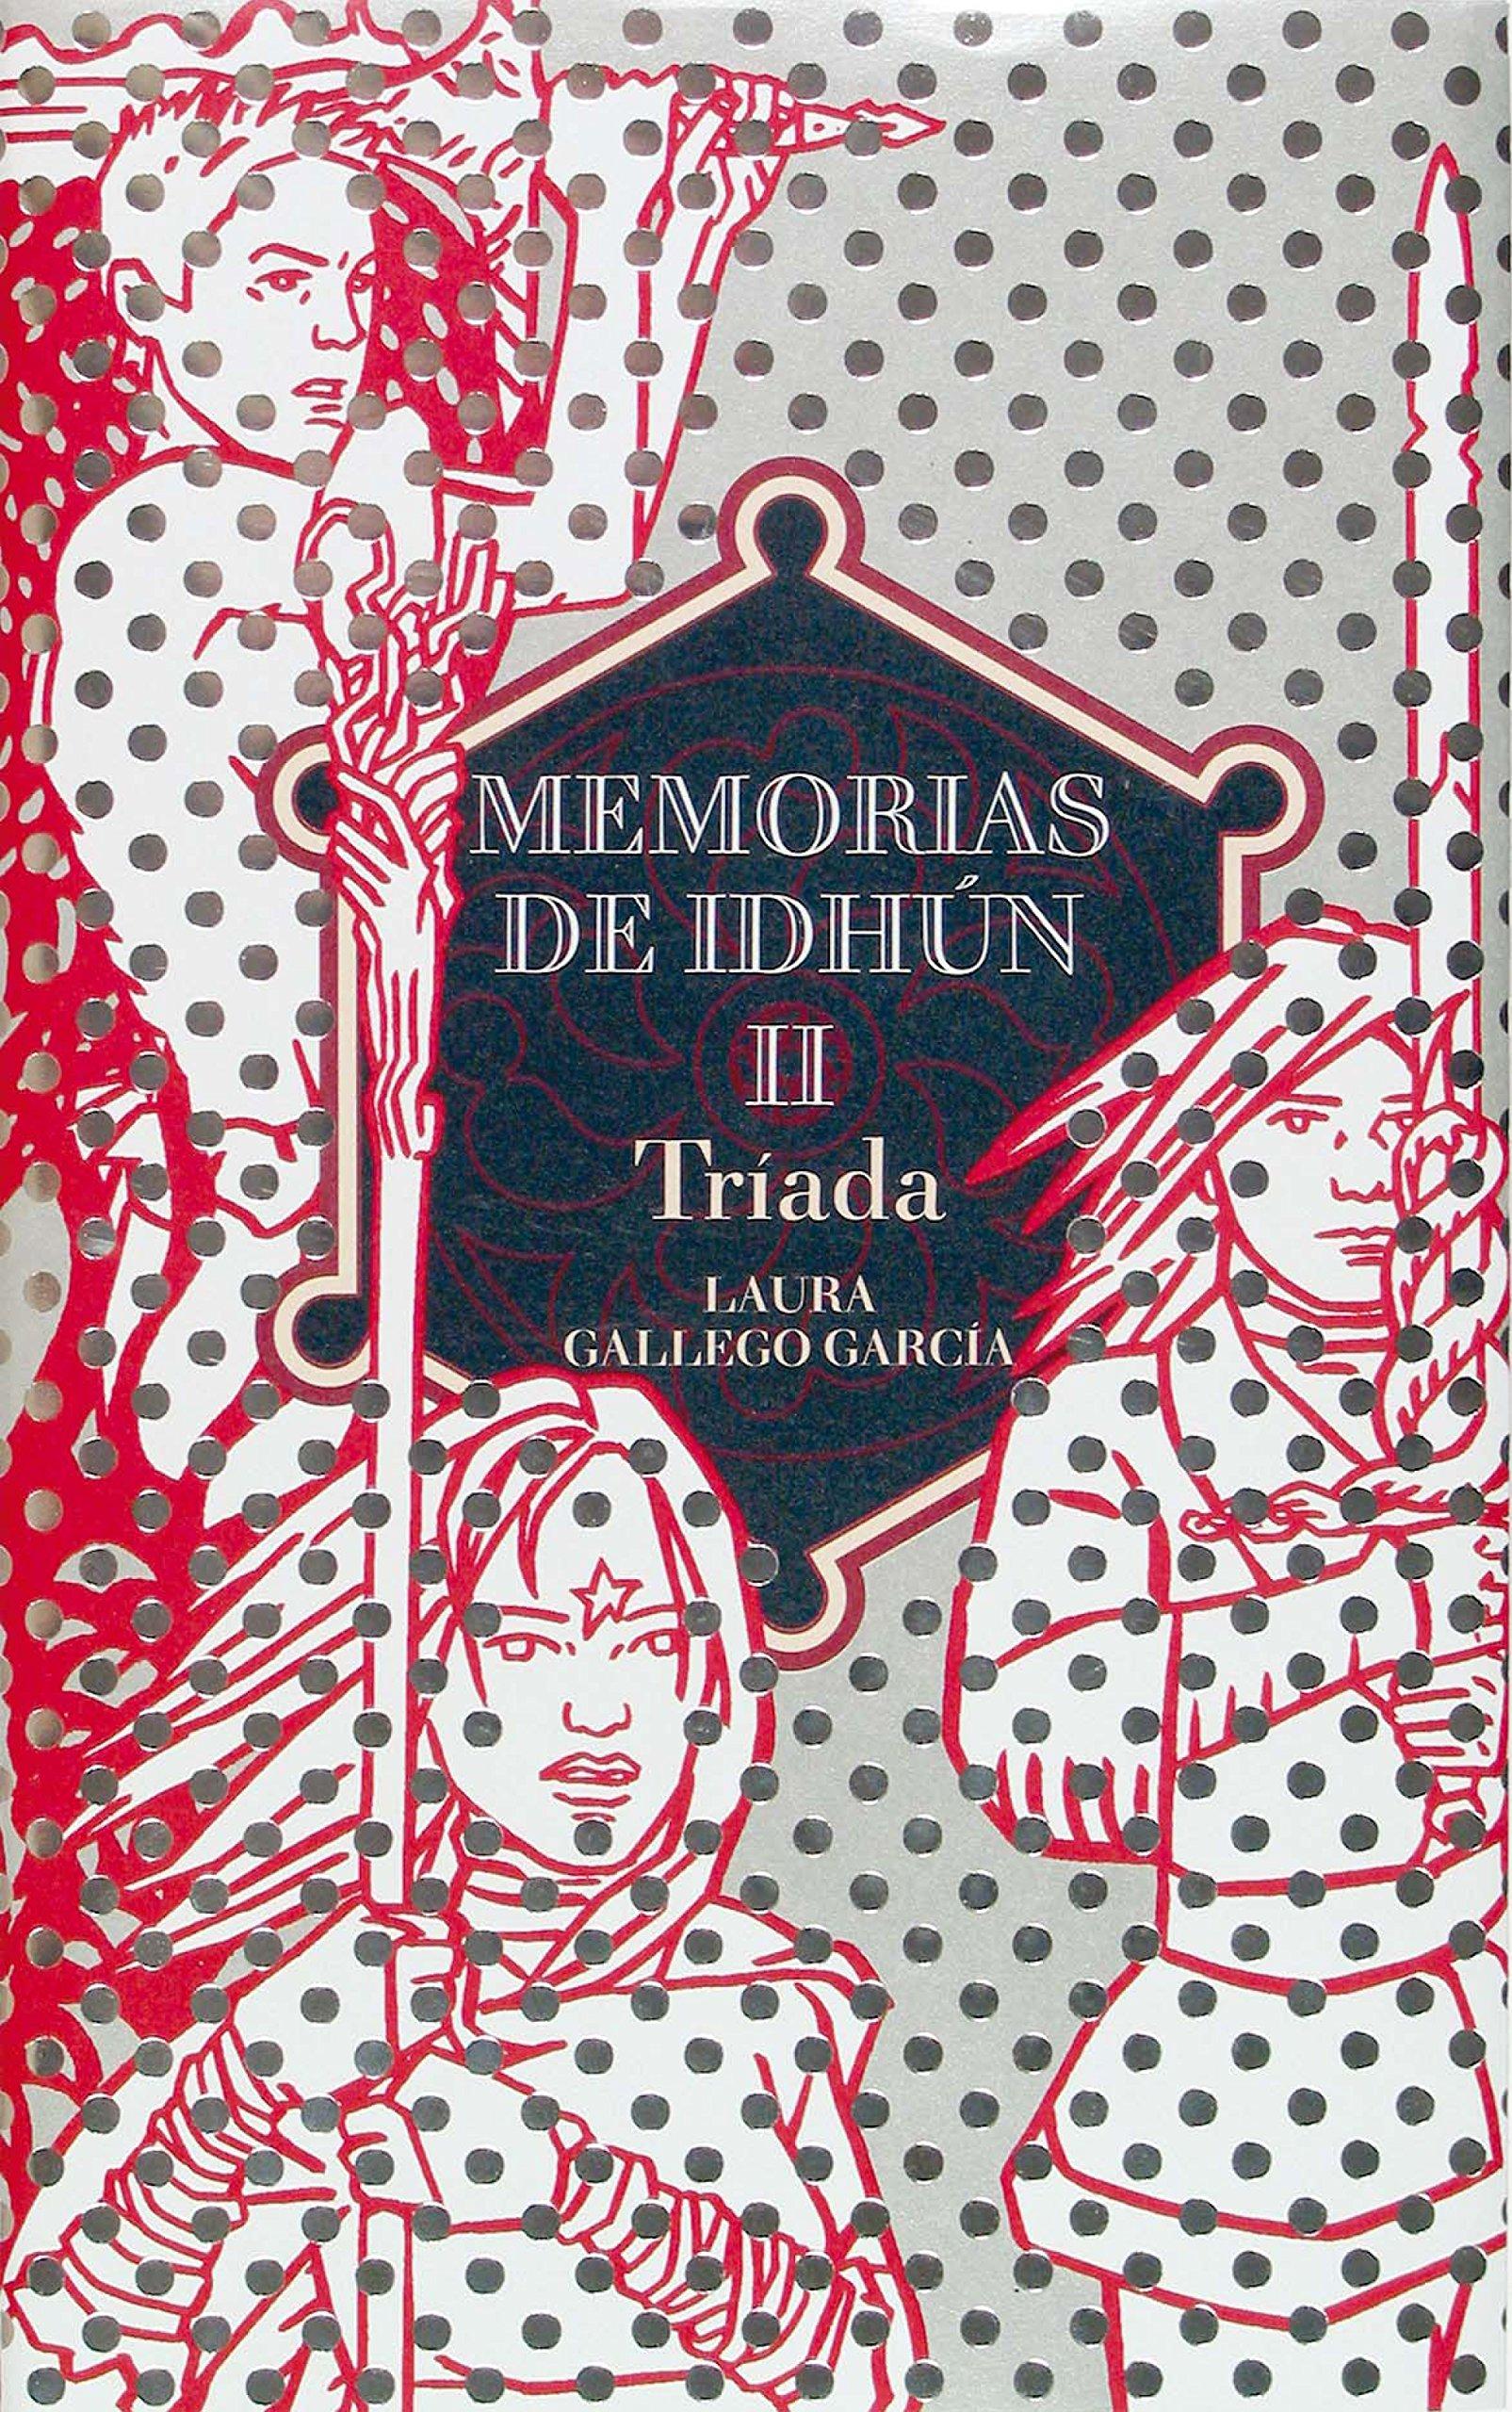 memorias de idhun libros